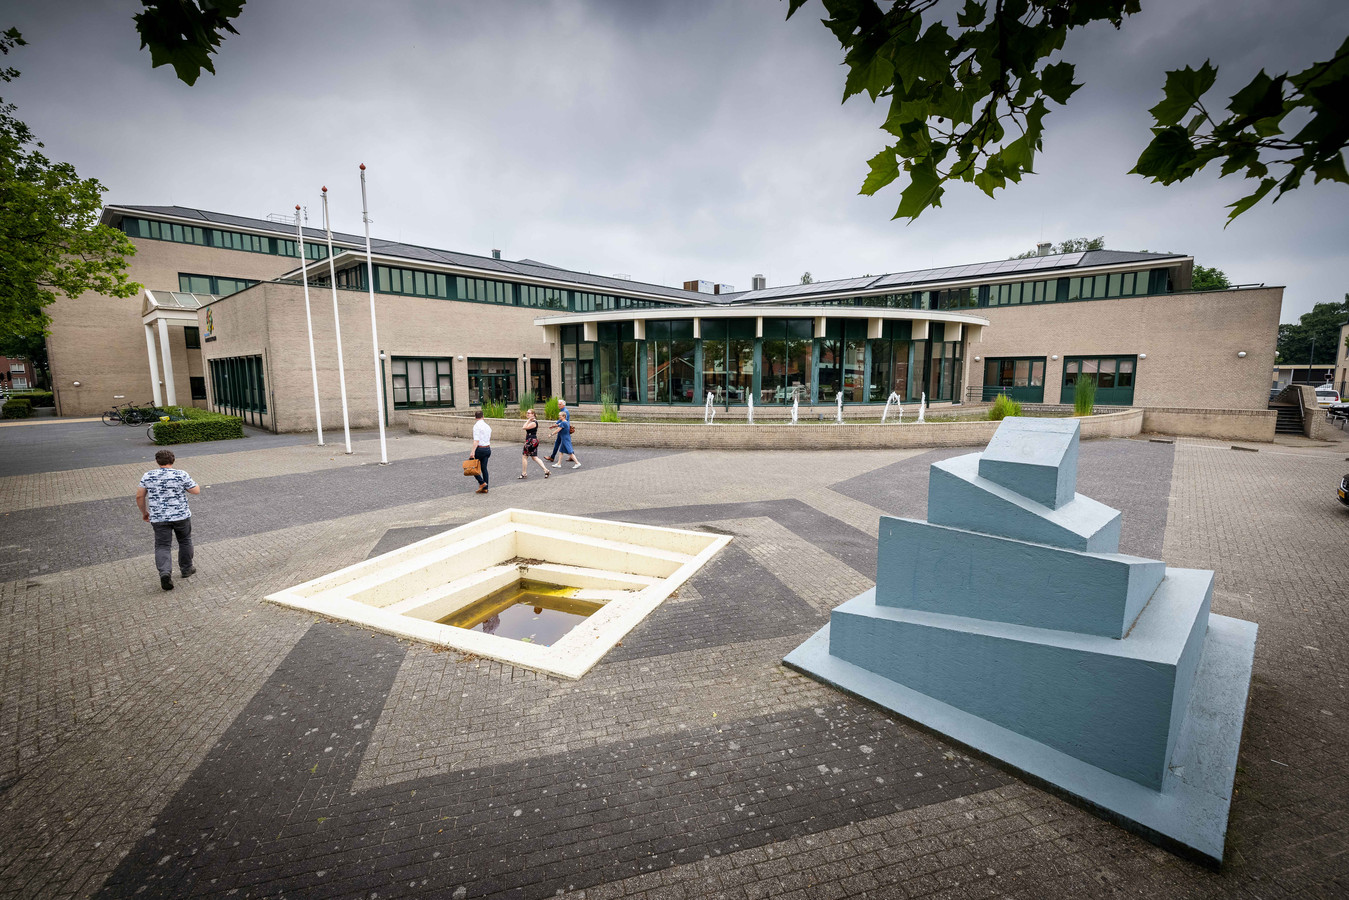 Volgens betrokkenen staat er een 'vies en gevaarlijk kunstwerk' voor het gemeentehuis in Emmeloord.